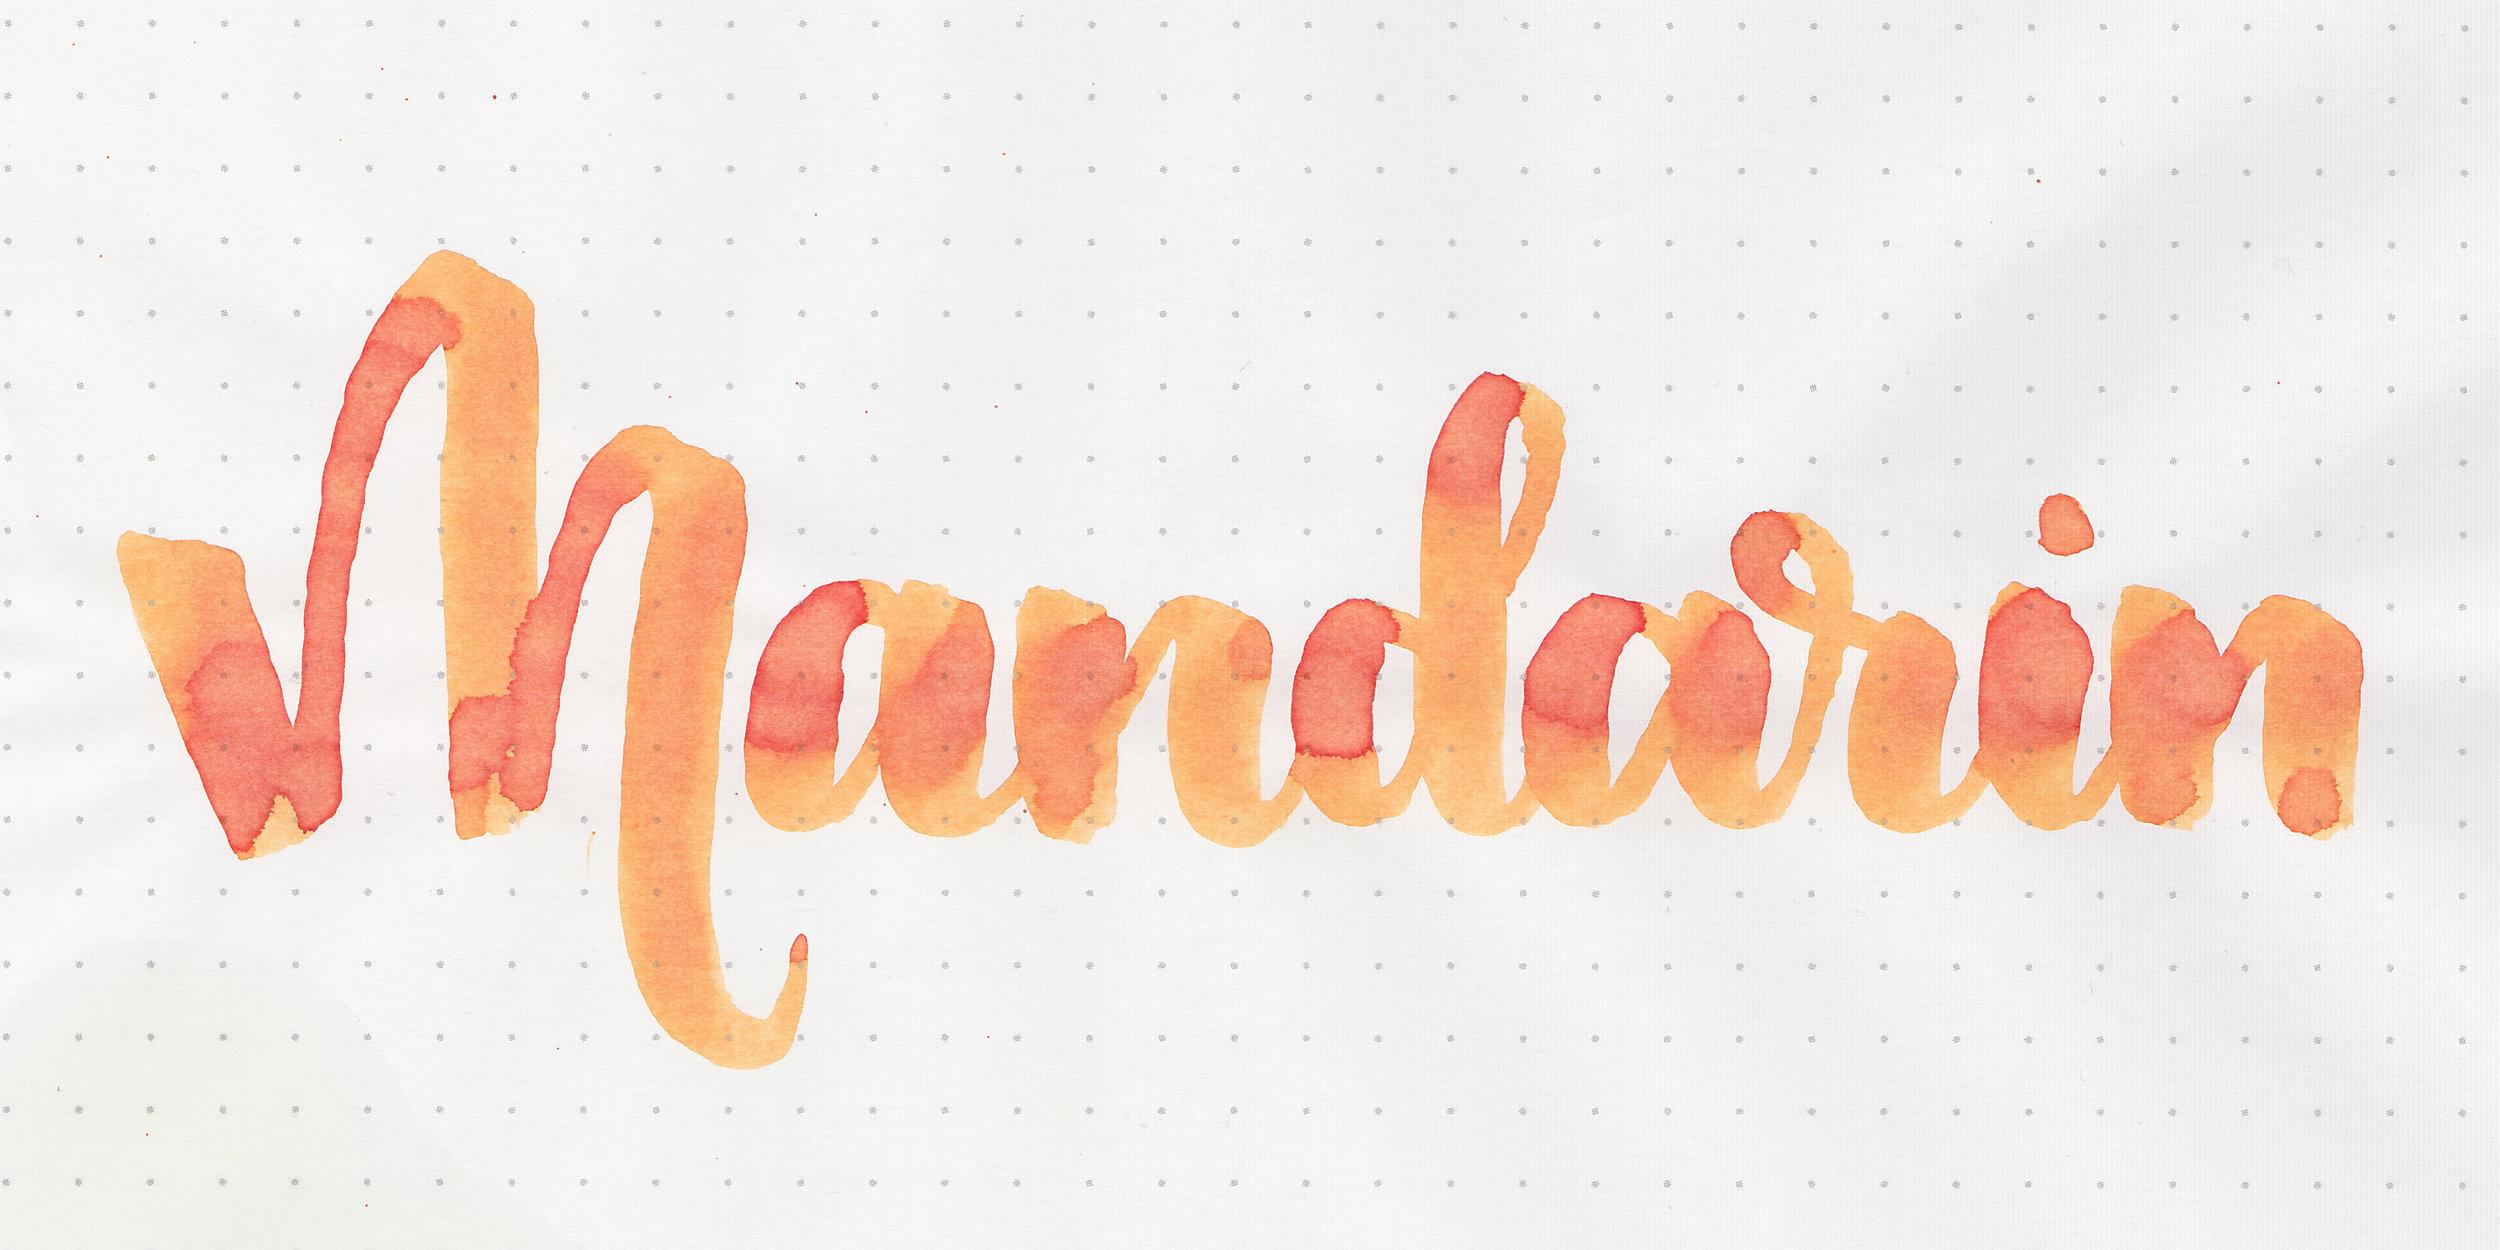 pe-mandarin-7.jpg